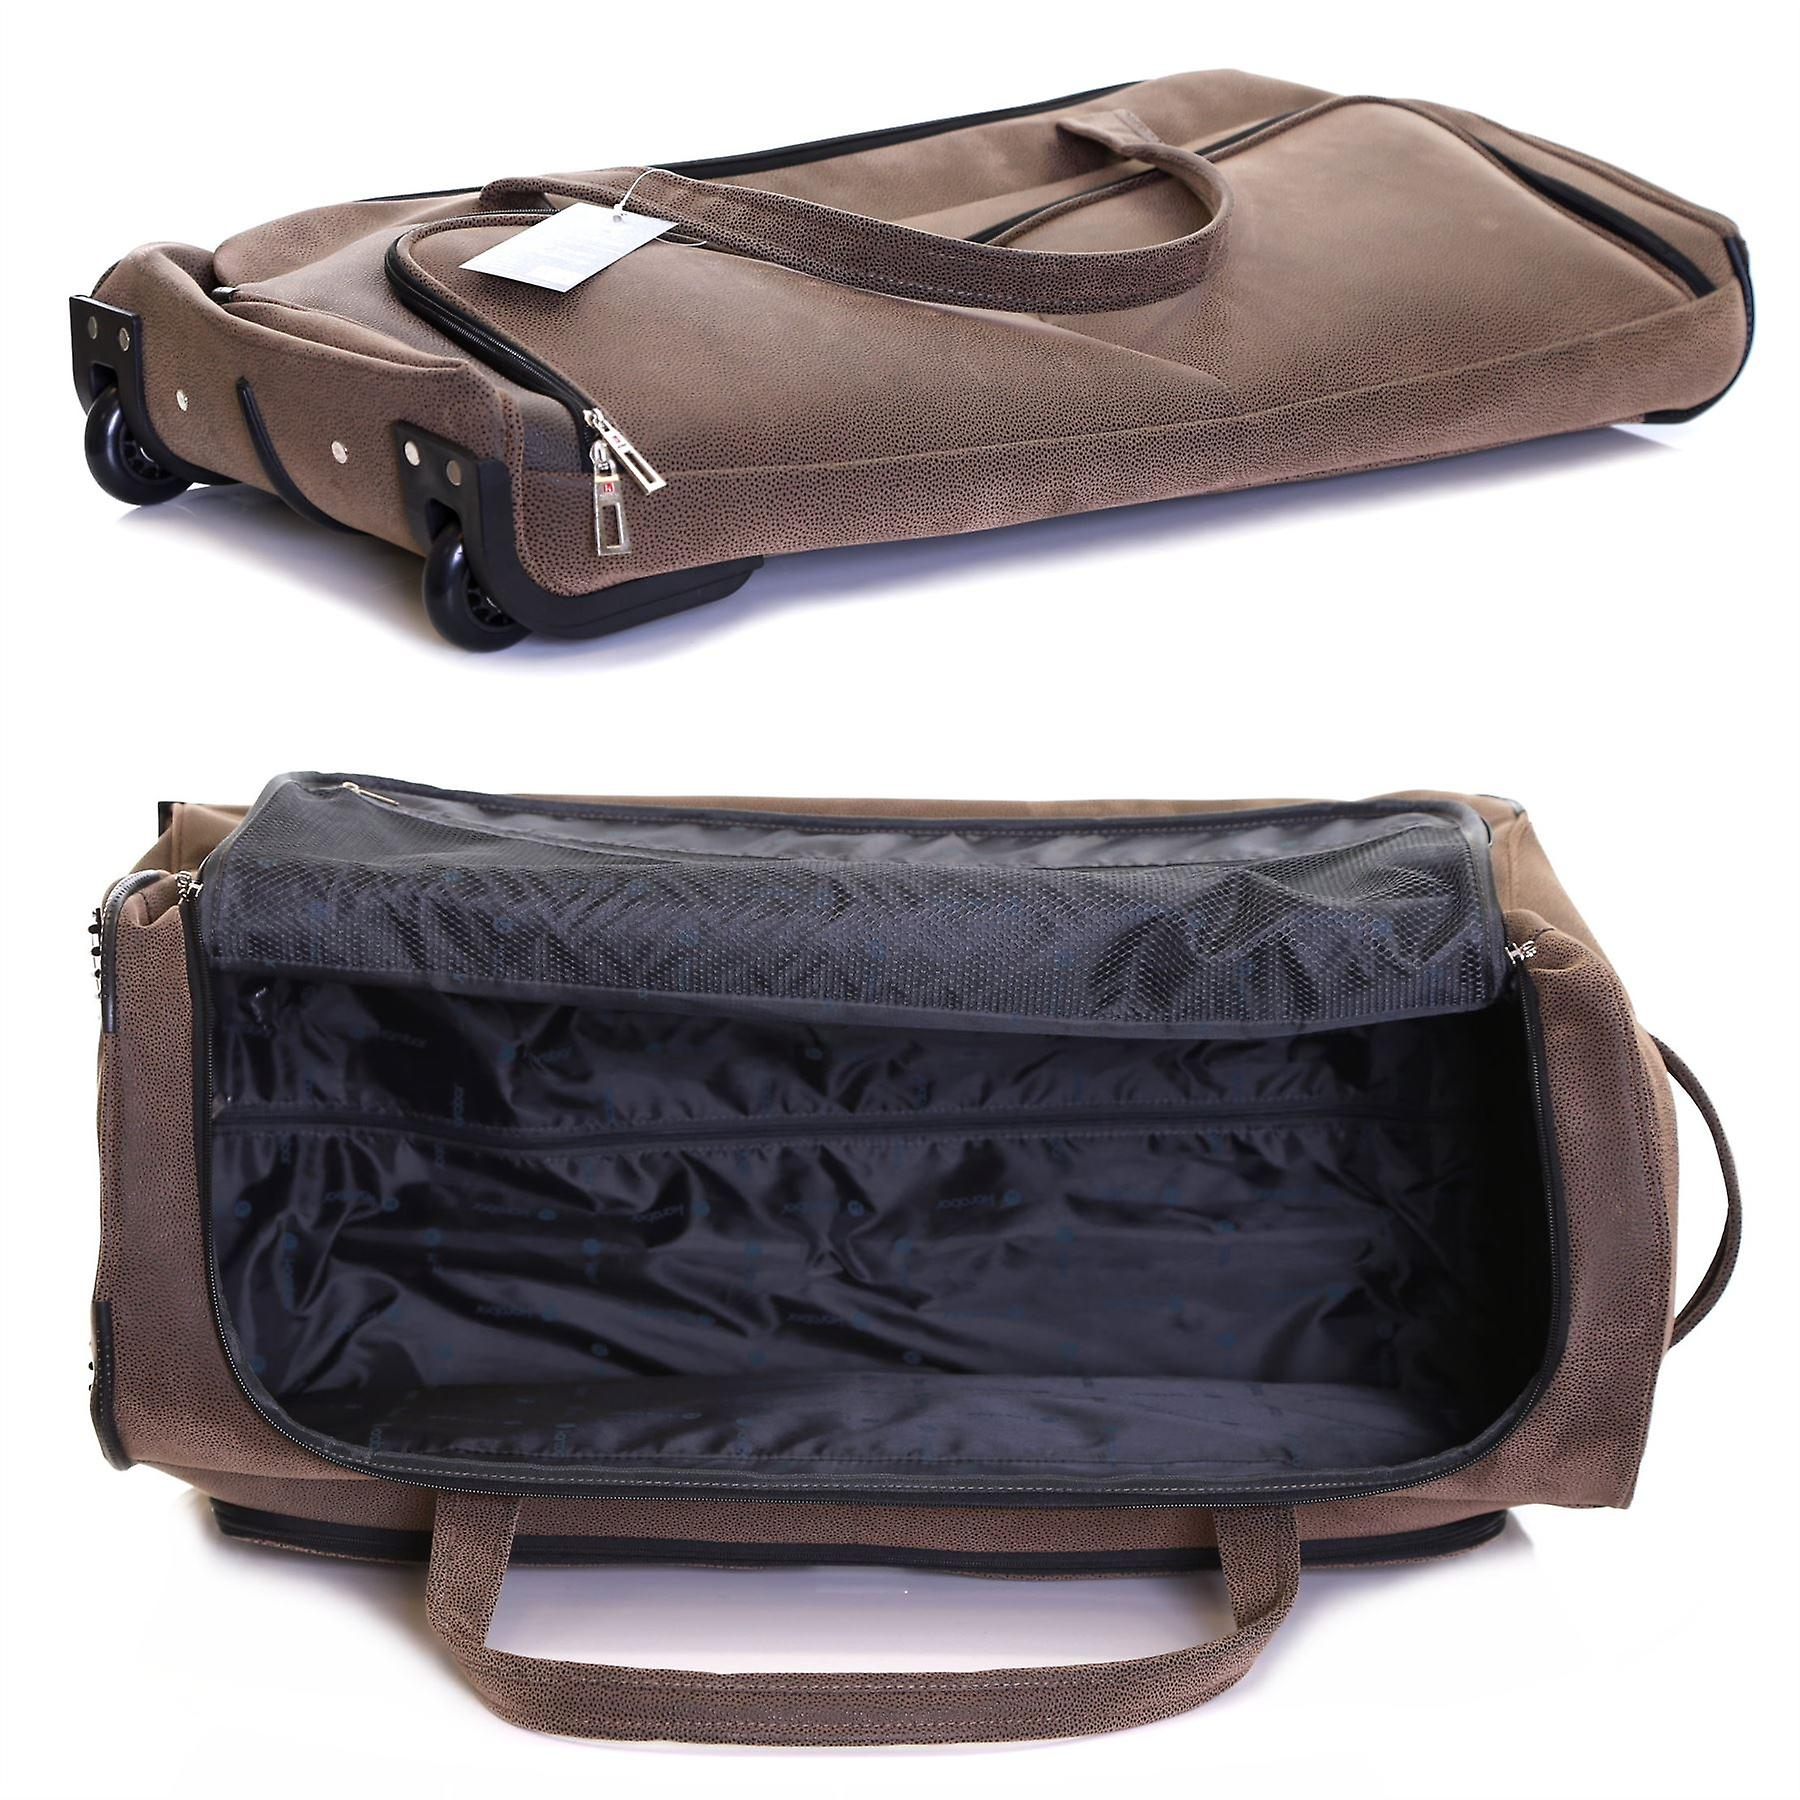 Karabar Portola 30 Inch Wheeled Bag, Walnut